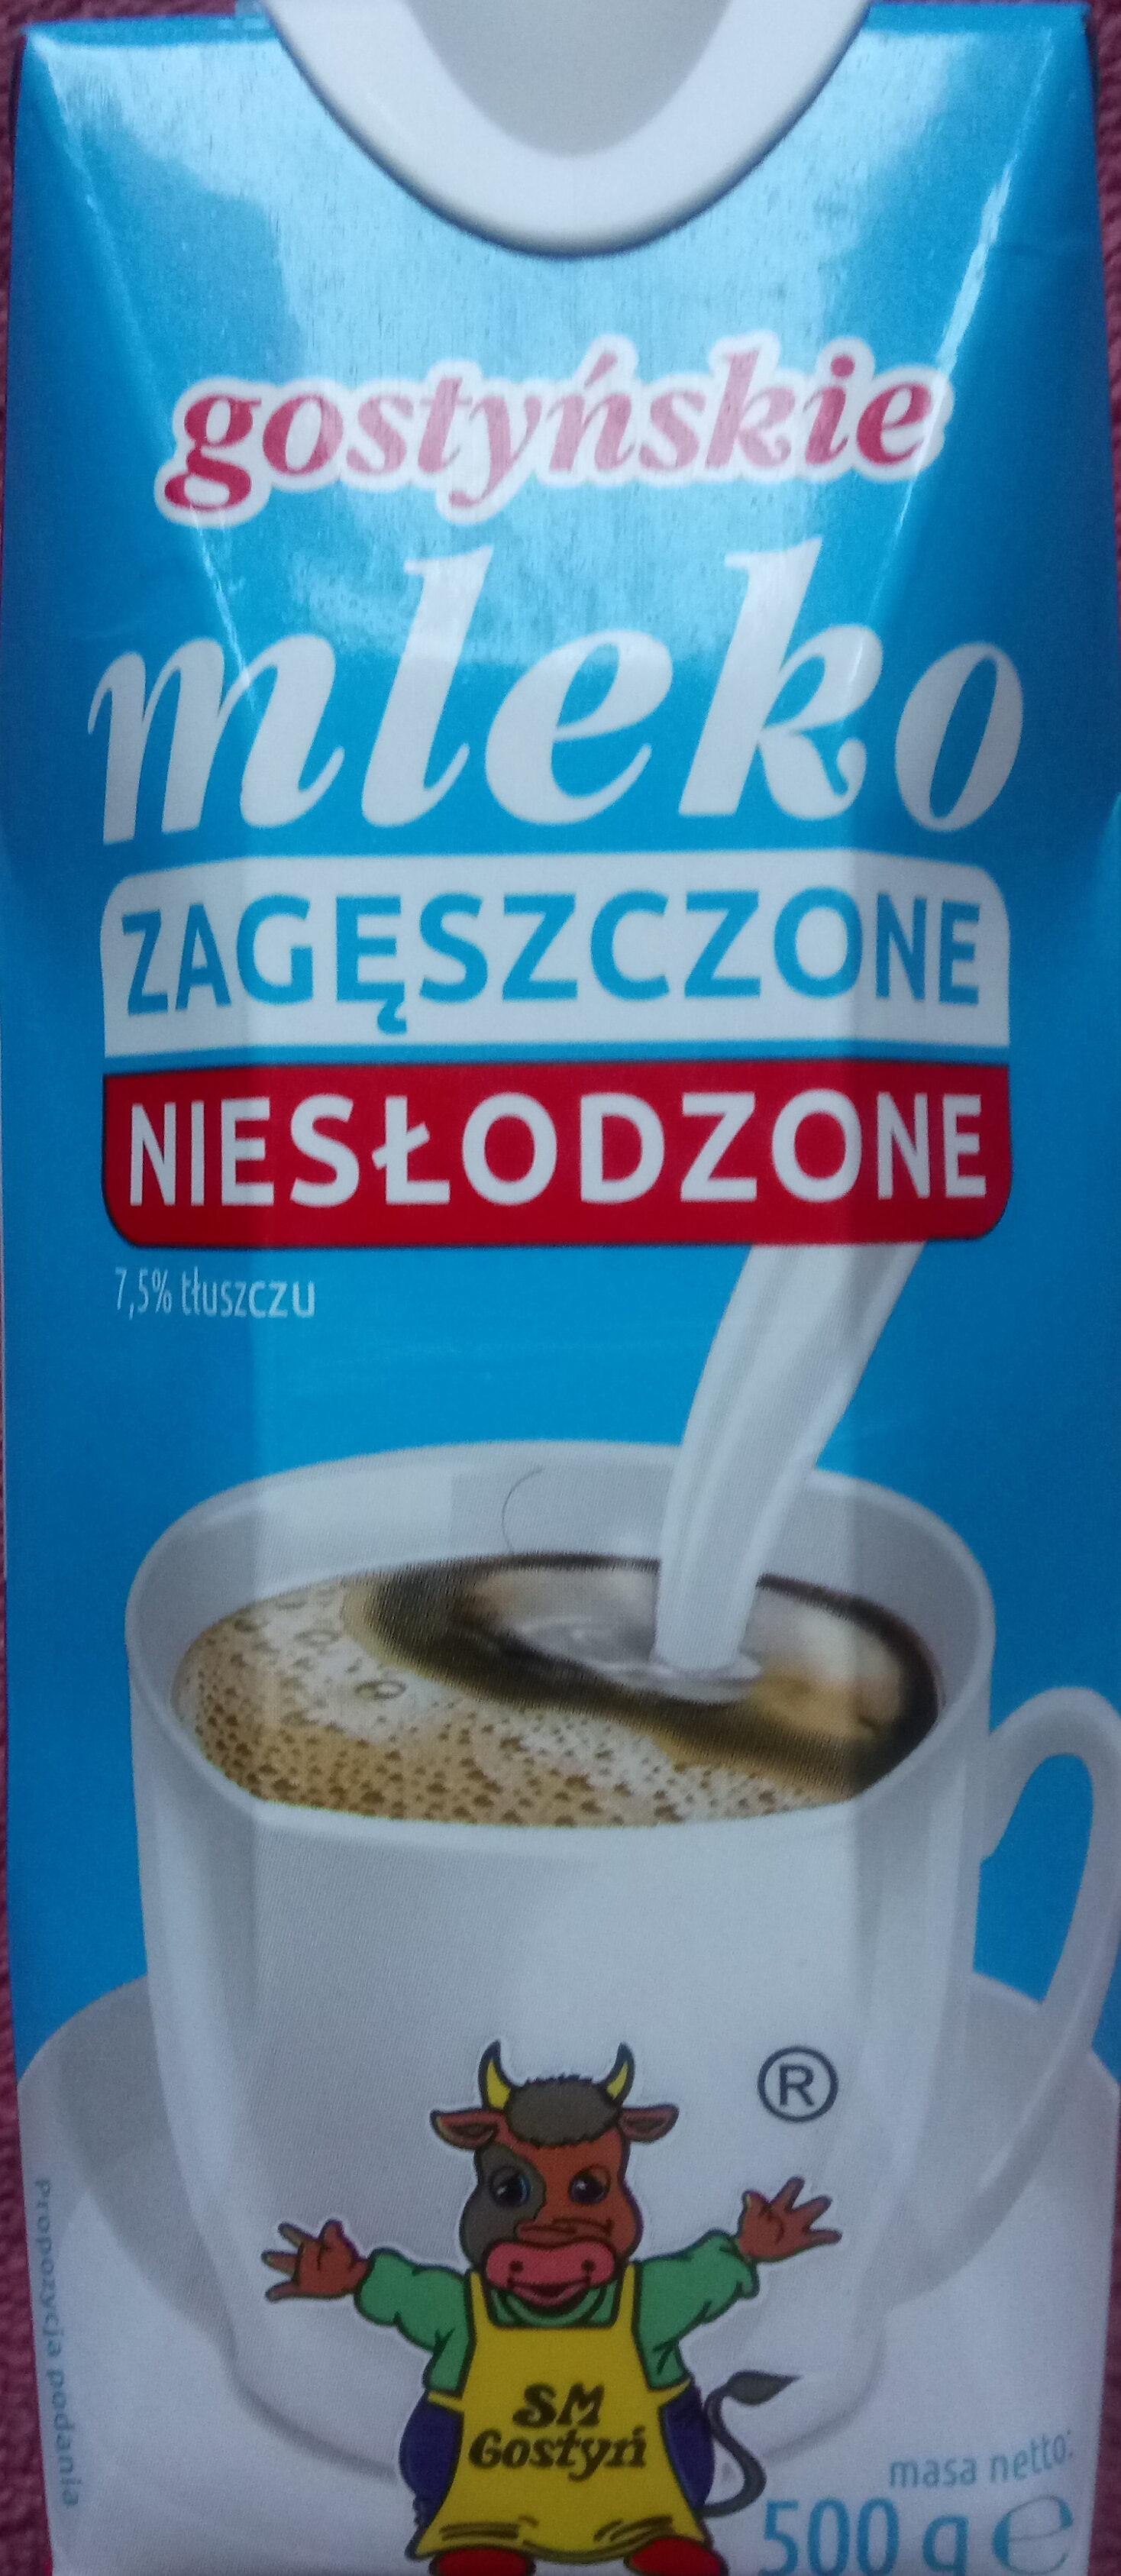 Mleko zagęszczone niesłodzone 7,5% tłuszczu - Produkt - pl